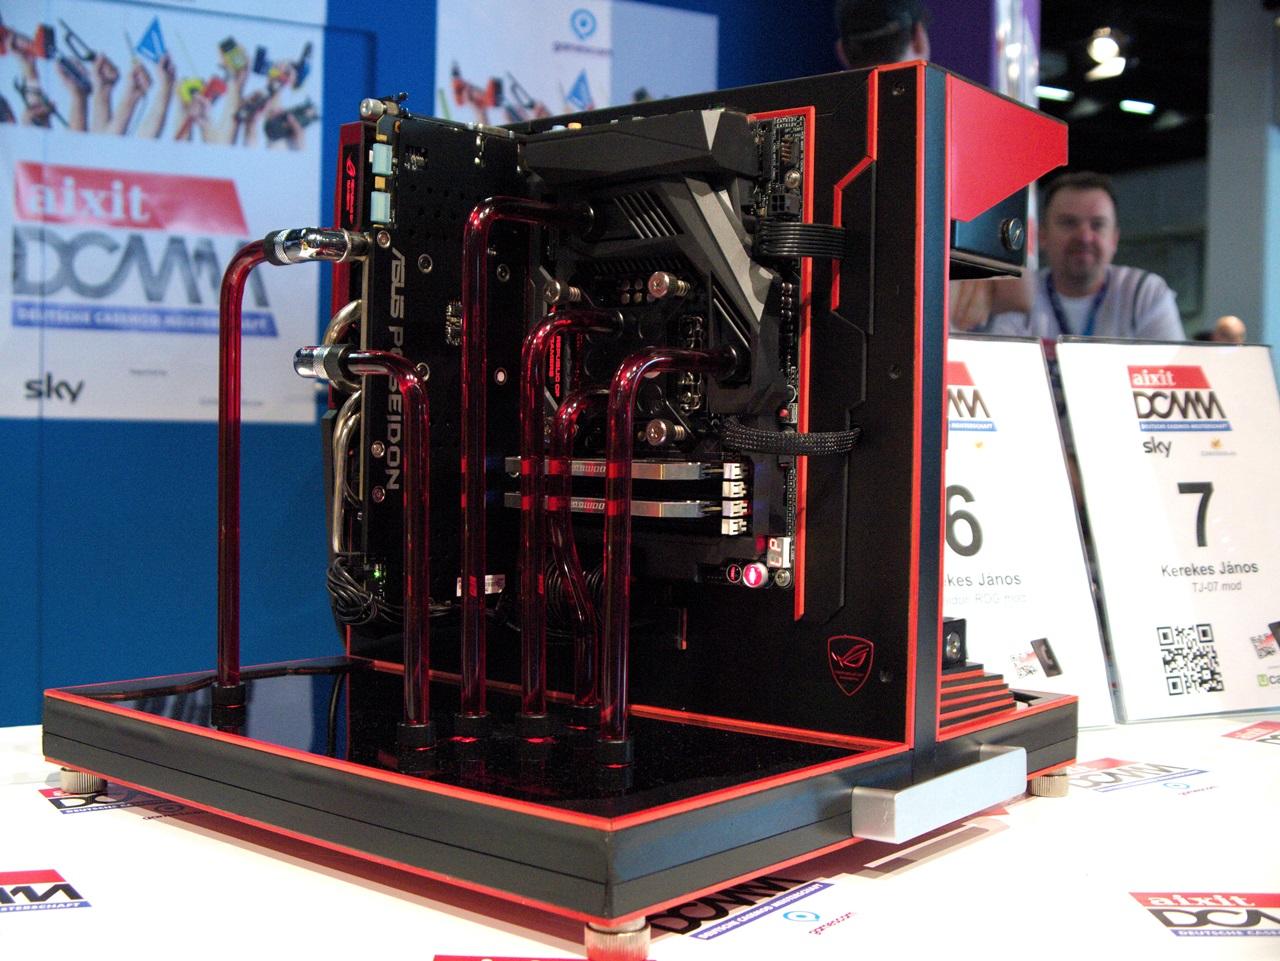 """DCMM 2014: Wenn PC-Gehäuse zu Kunstwerken werden - """"Poseidon ROG Mod"""" von Kerekes Janos (Bild: Sebastian Wochnik/Golem.de)"""